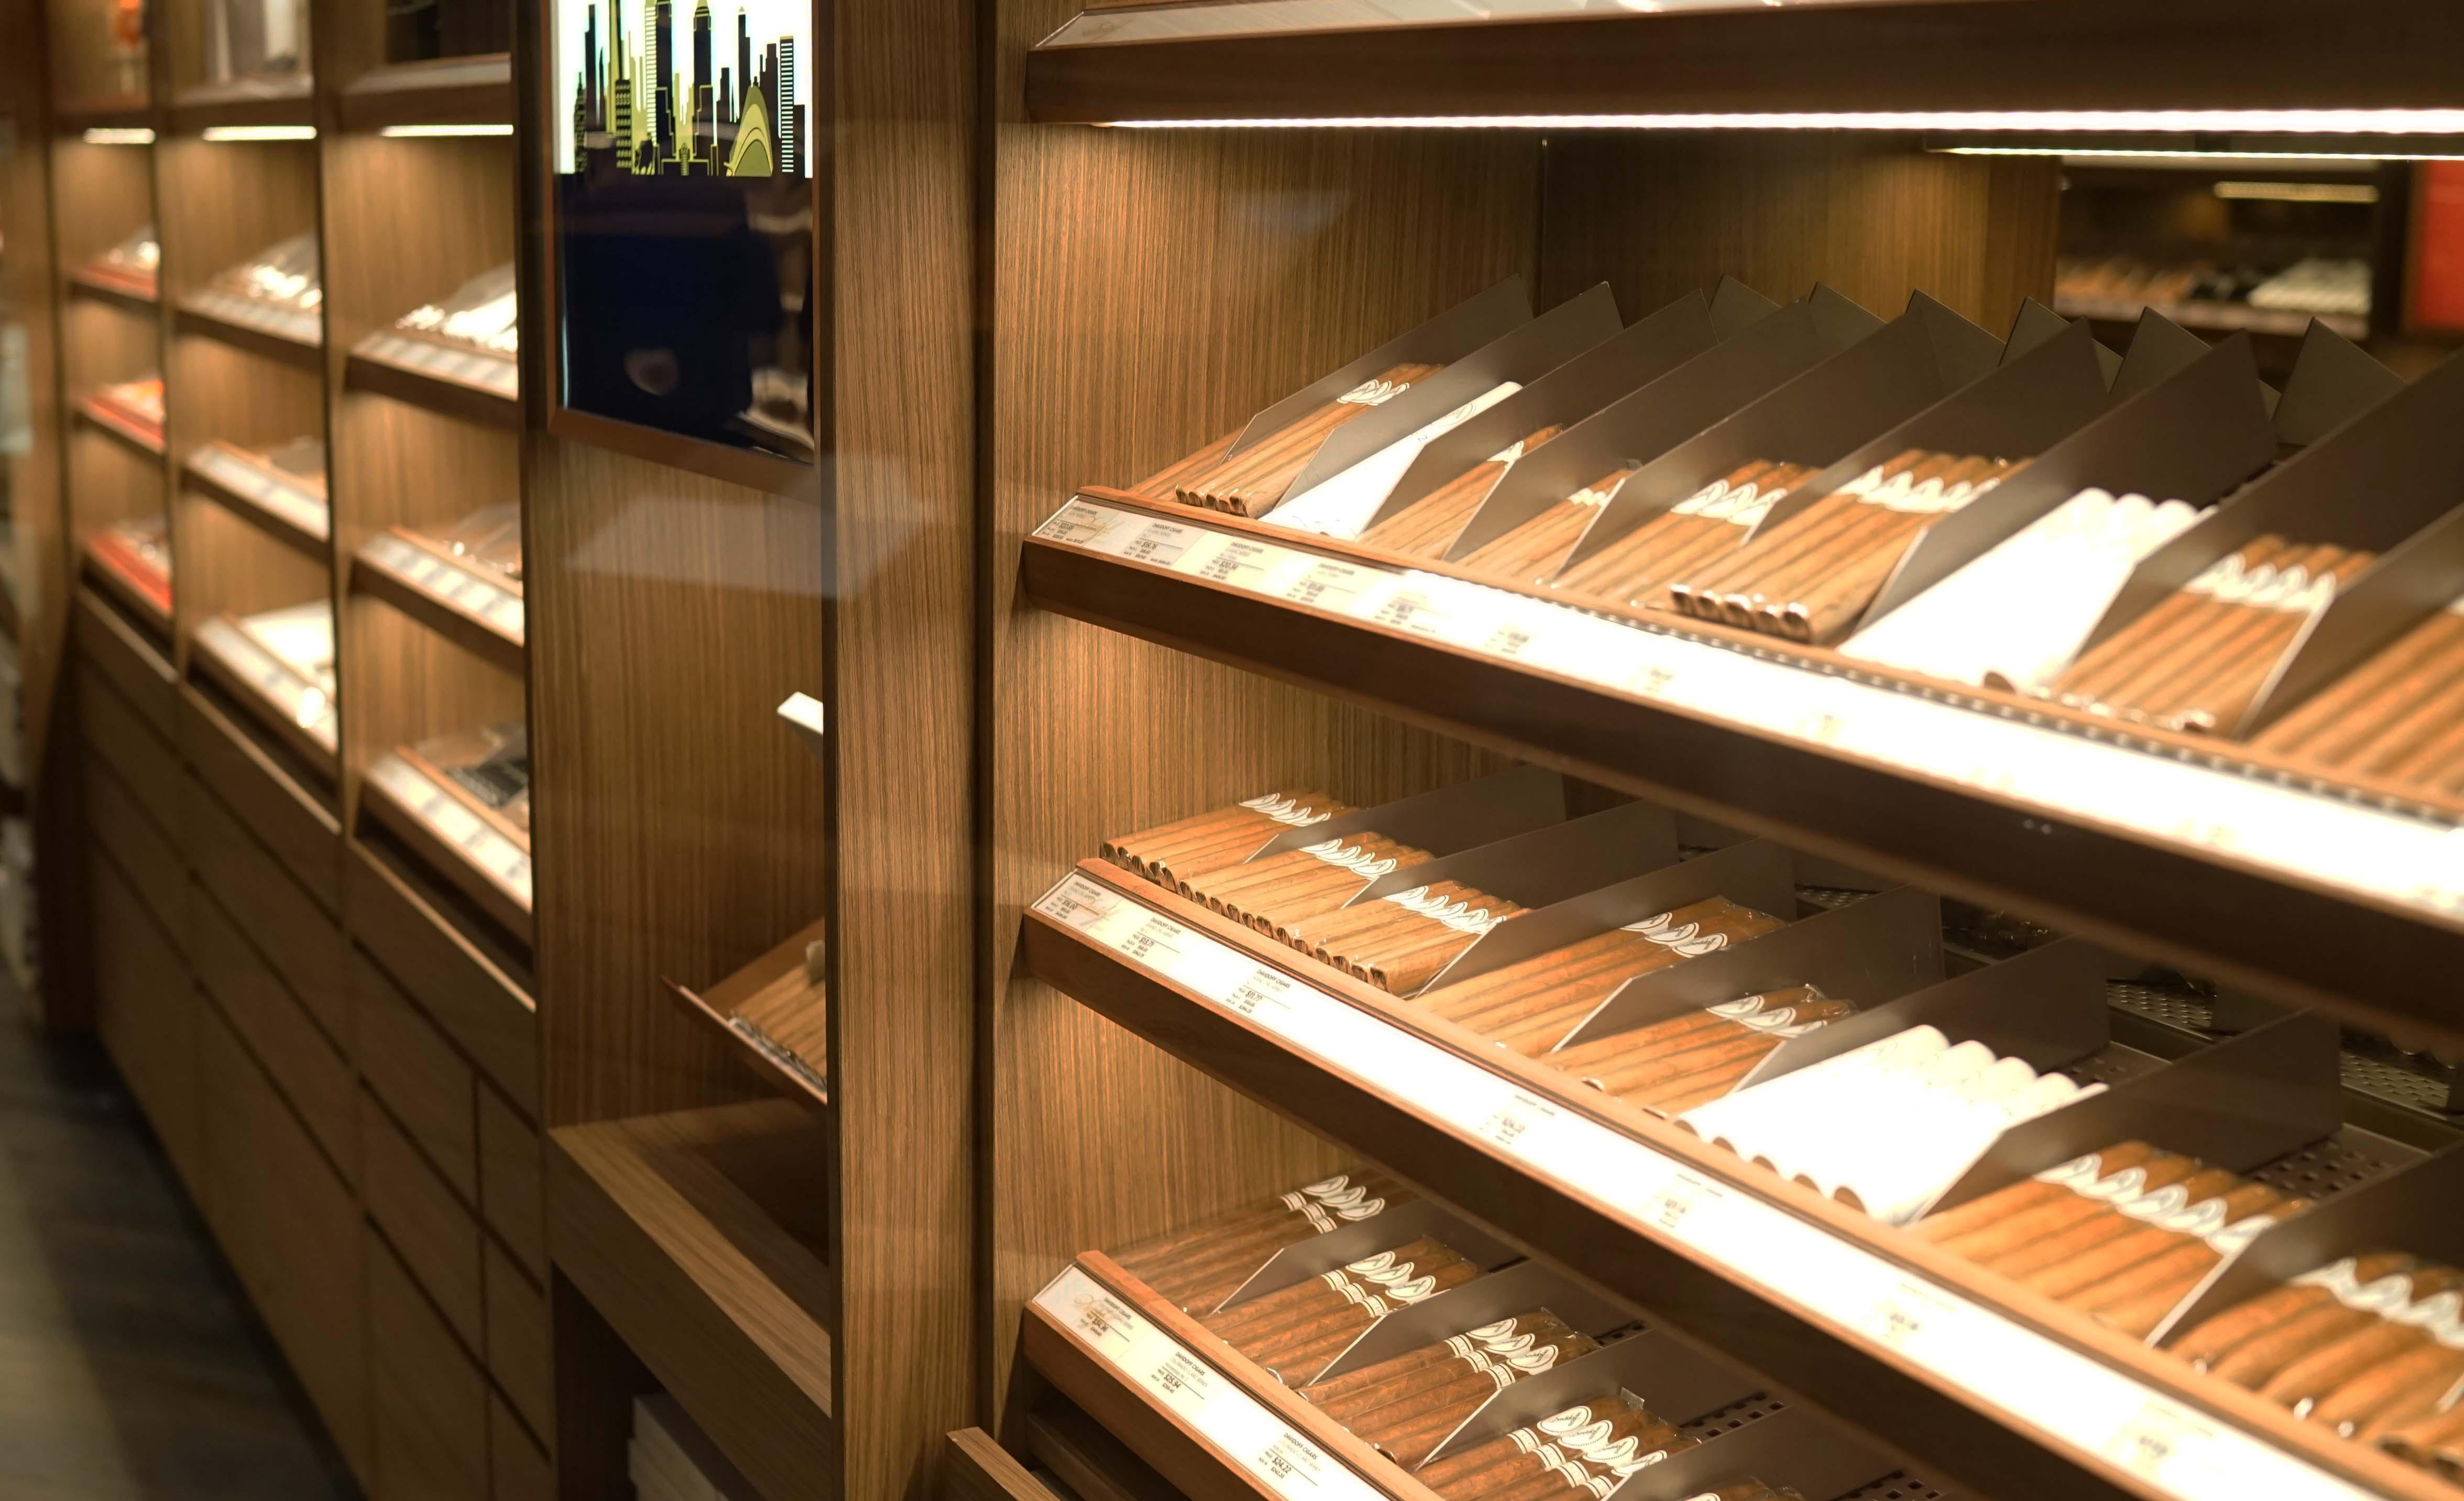 Davidoff of Geneva cigars